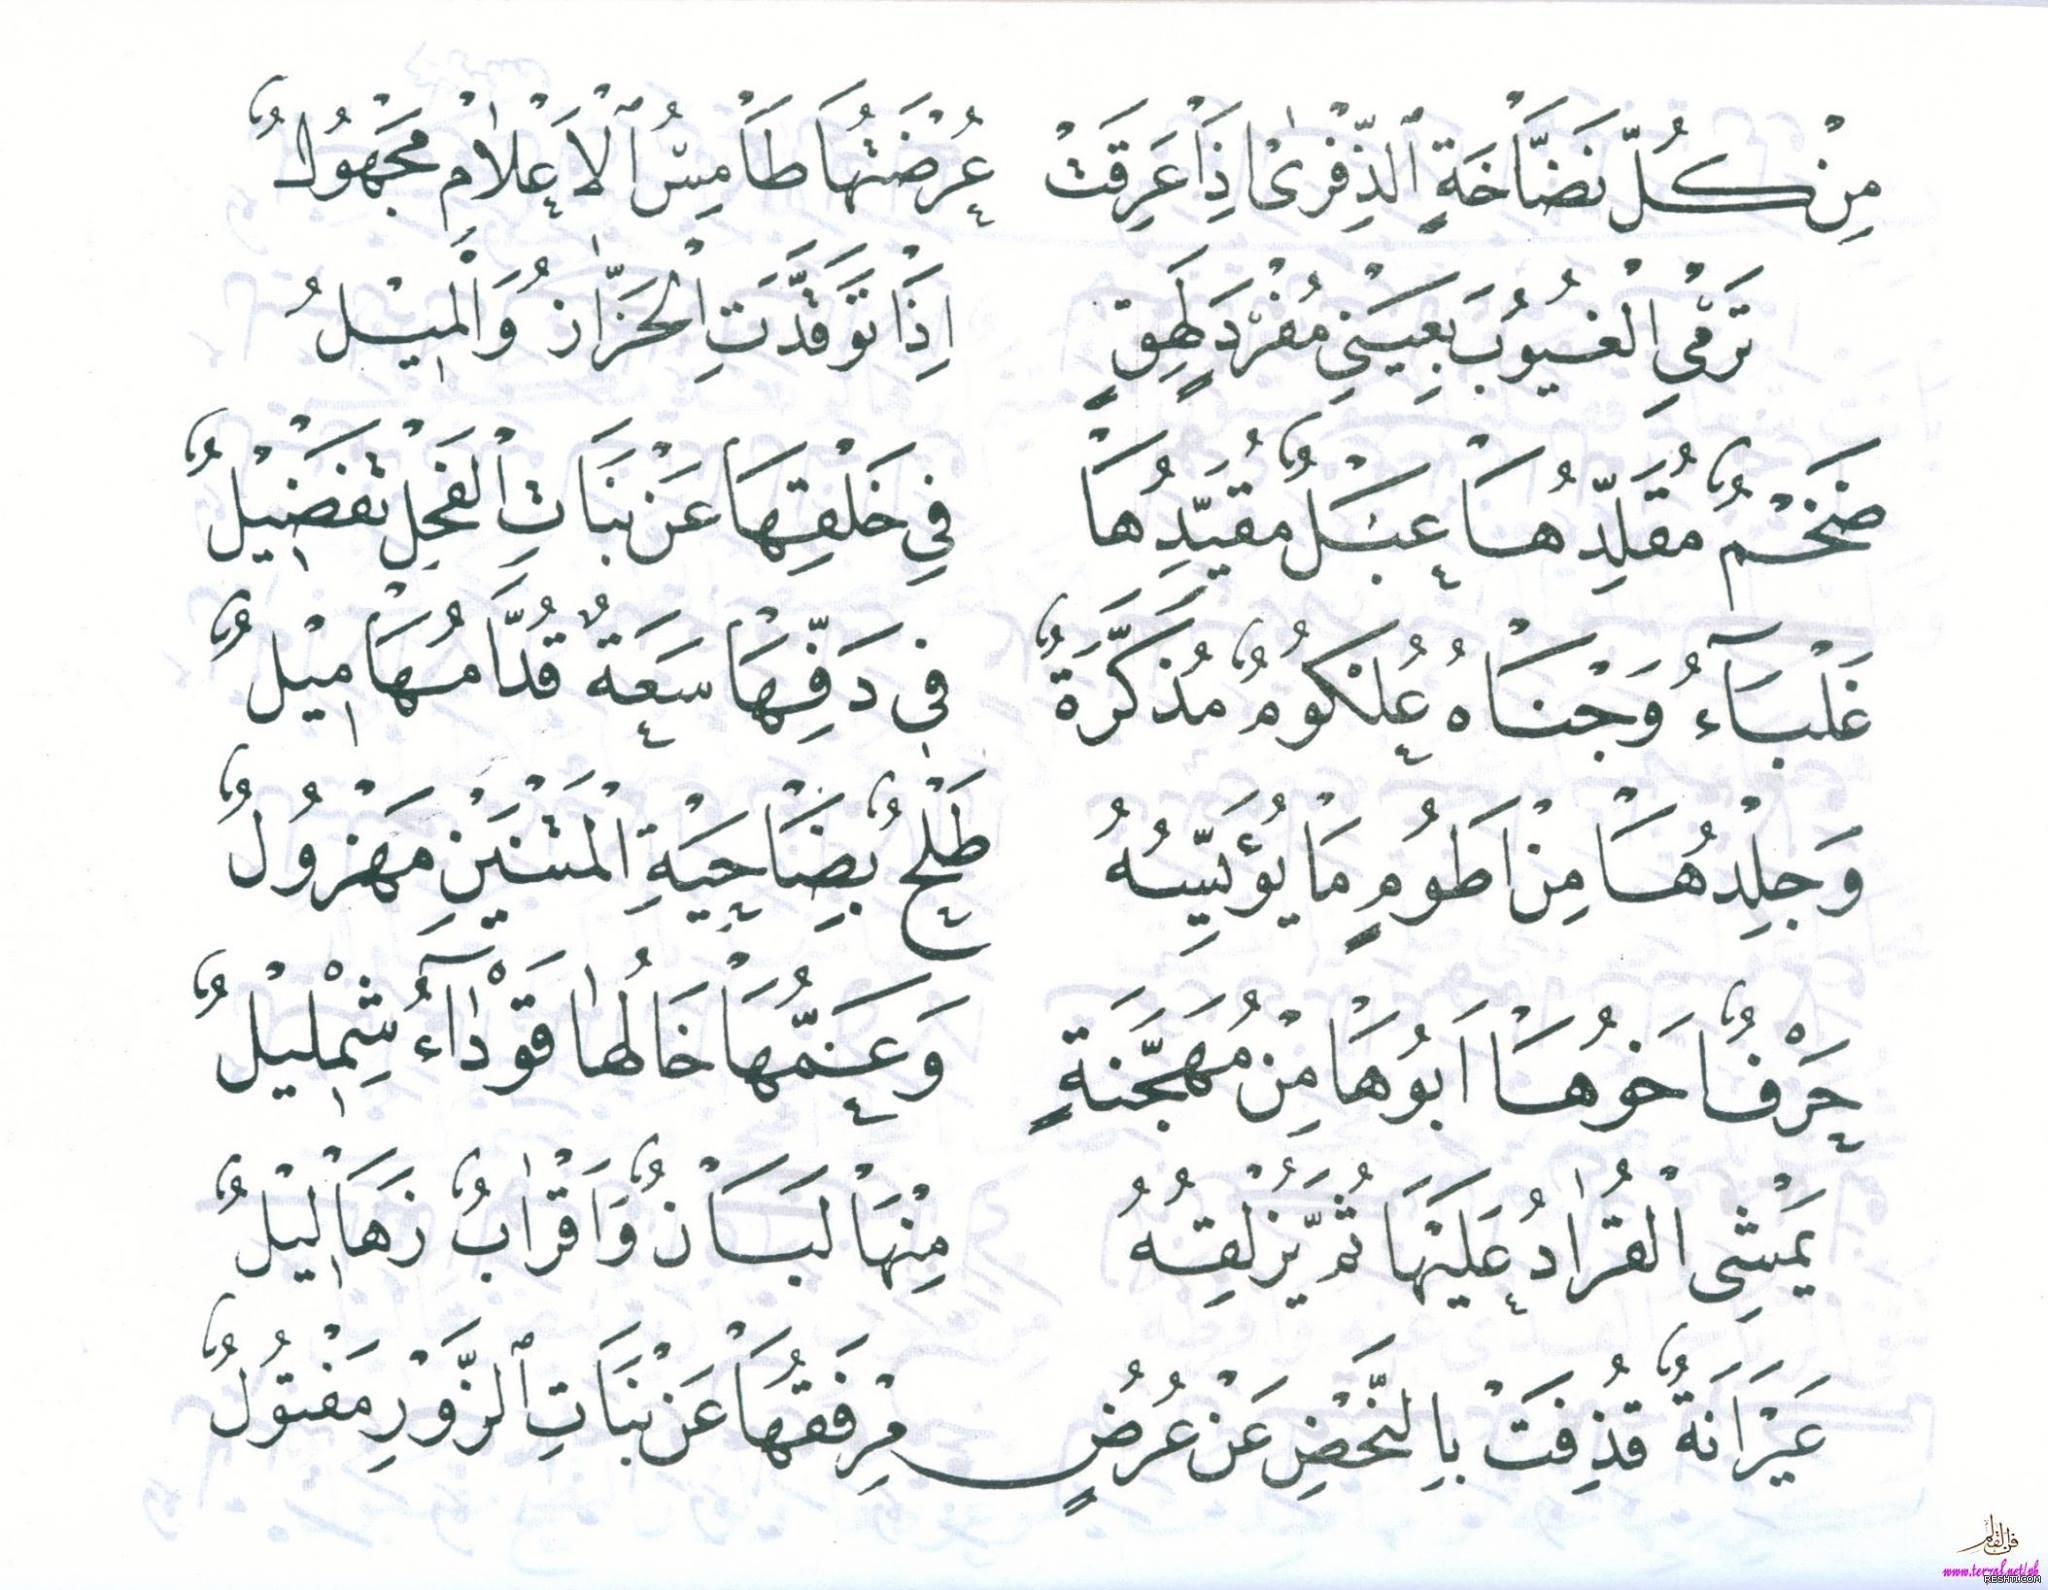 قصيدة بانت سعاد لكعب بن زهير رضي الله عنه بخط مصطفى حليم 5